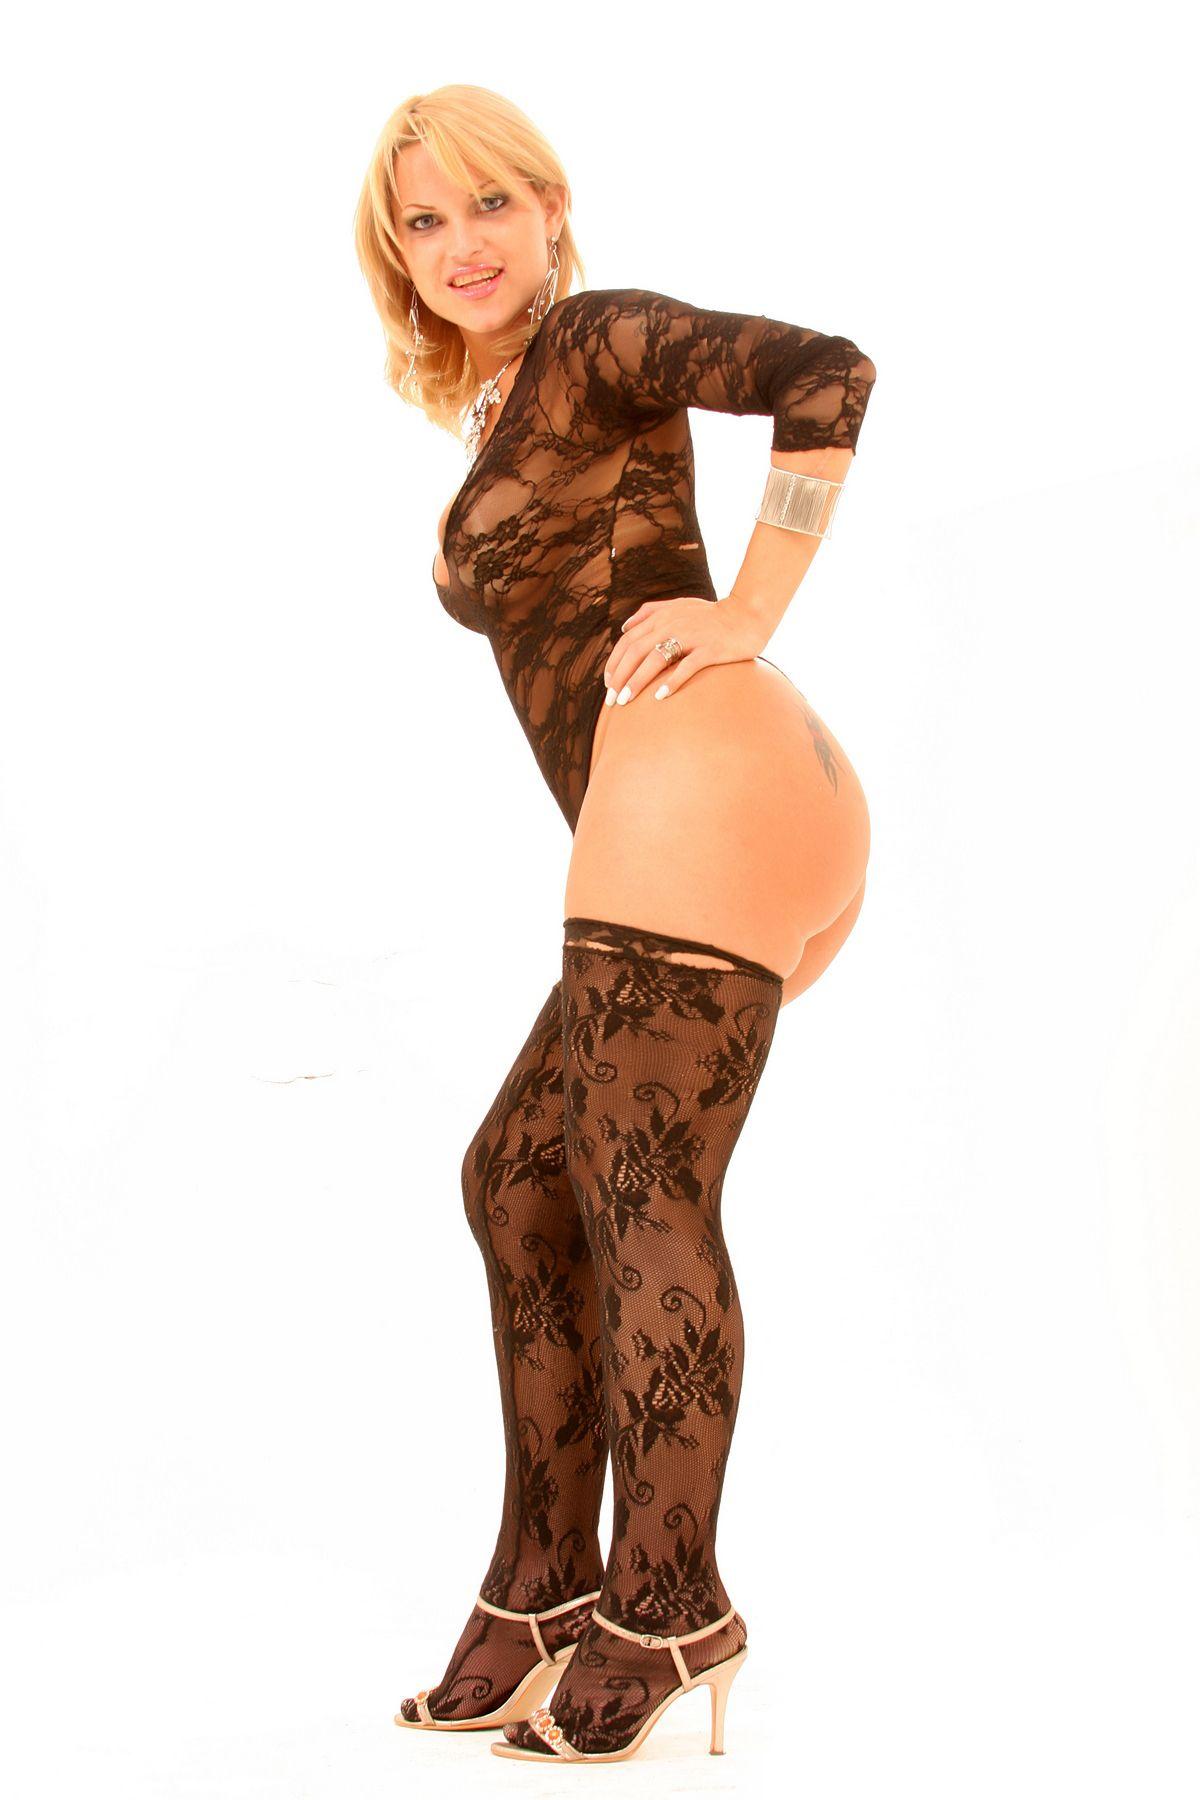 Fat Panty Porn